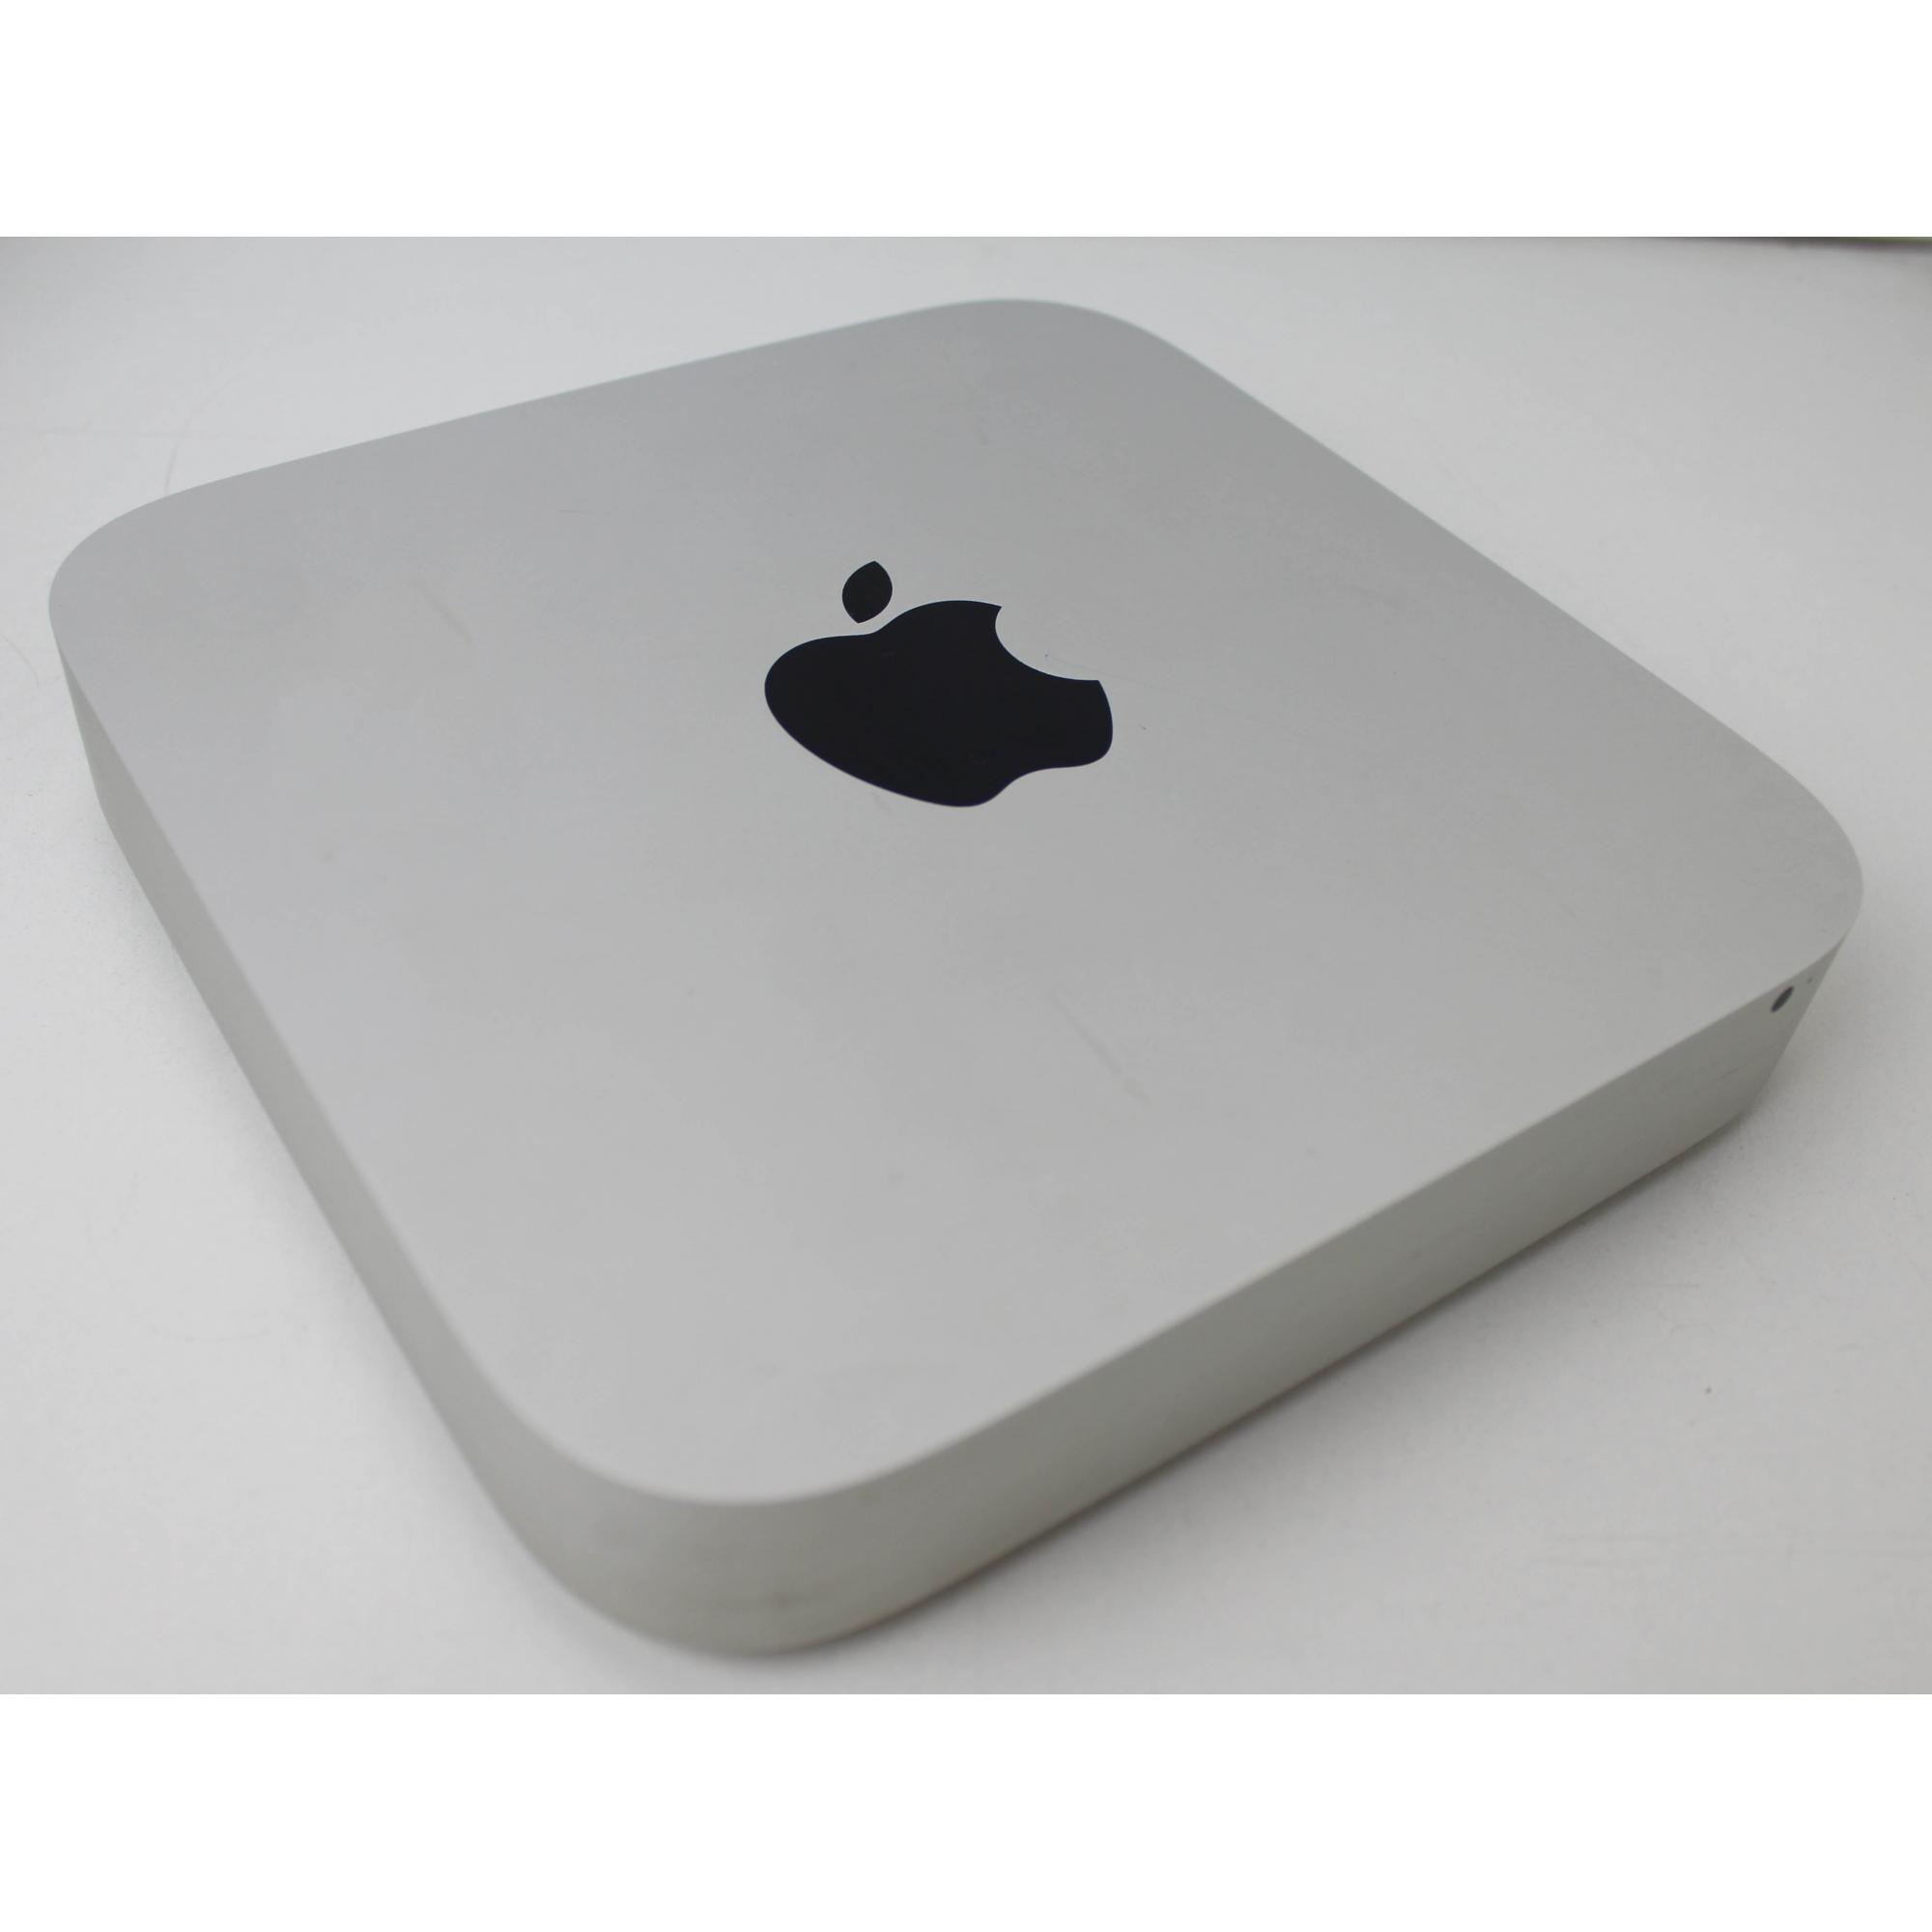 MAC MINI MGEM2LL/A INTEL CORE I5 1.4GHZ 4GB HD-500GB